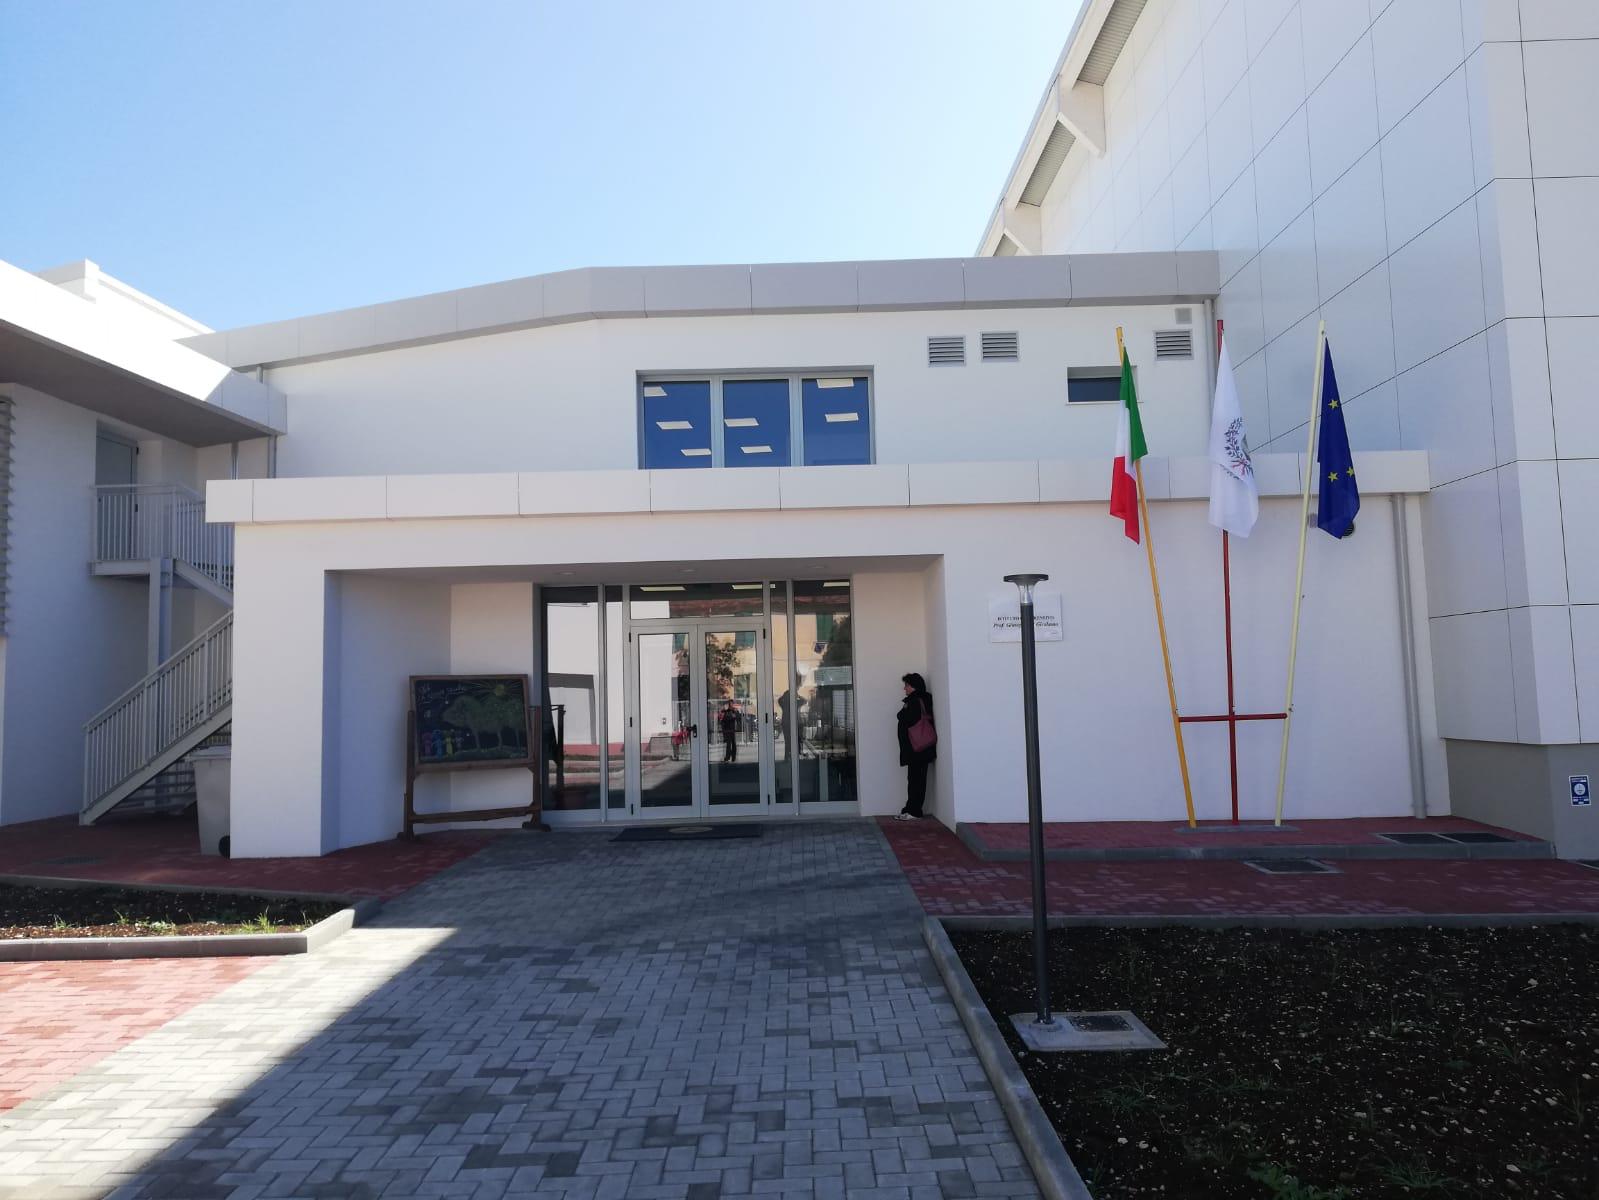 A Magliano De Marsi tutto pronto per l'inaugurazione della nuova scuola antisismica dopo dieci anni di M.A.P.